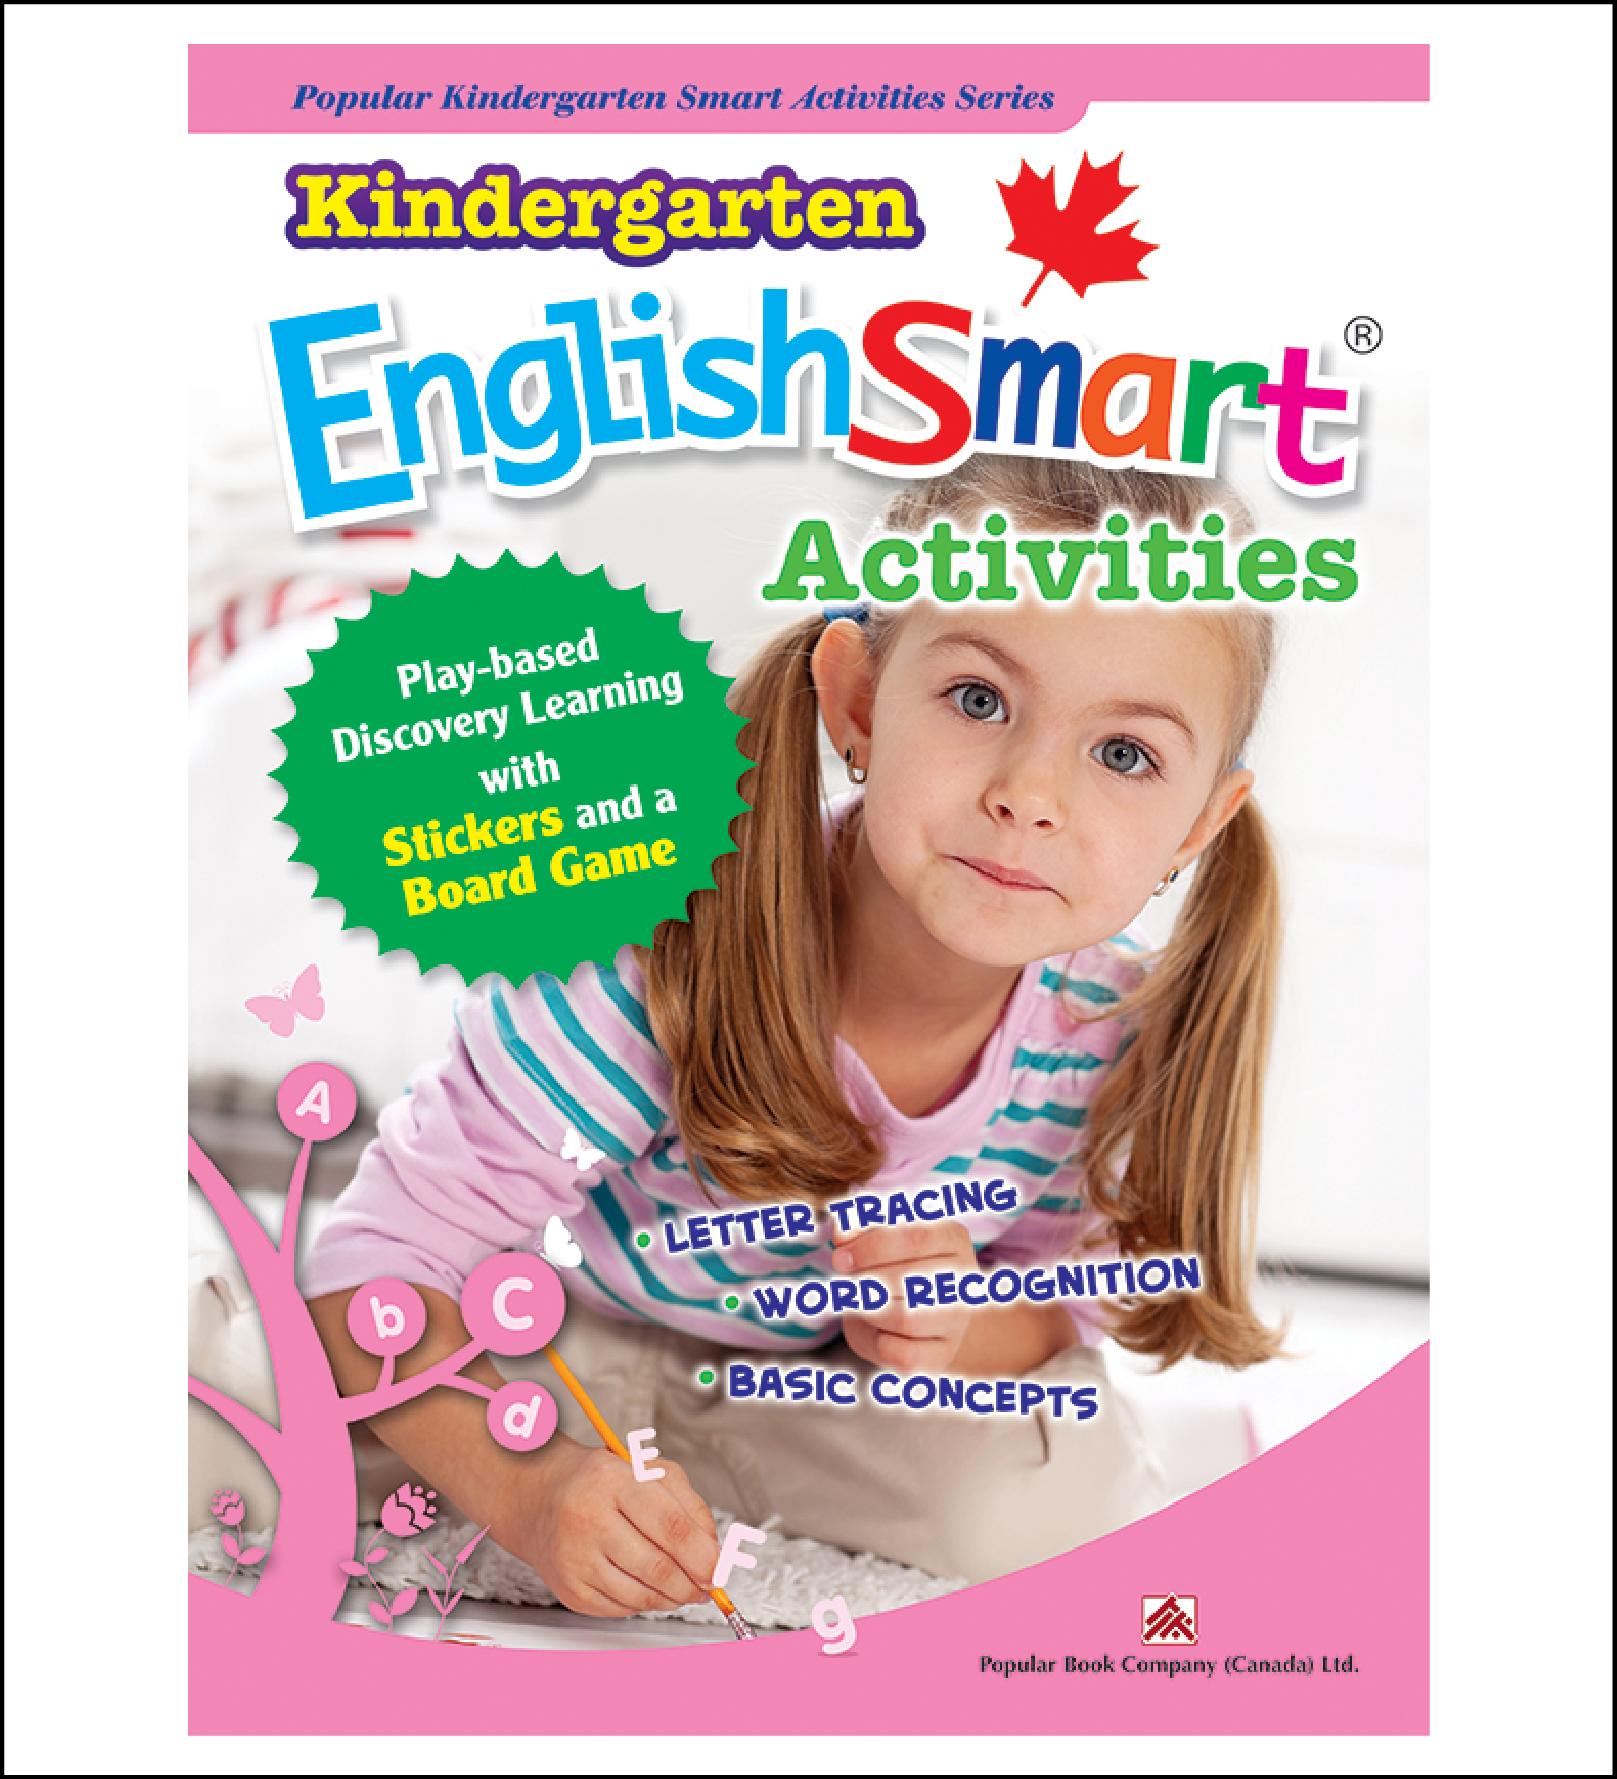 Activtiy book for kids Kindergarten EnglishSmart Activities